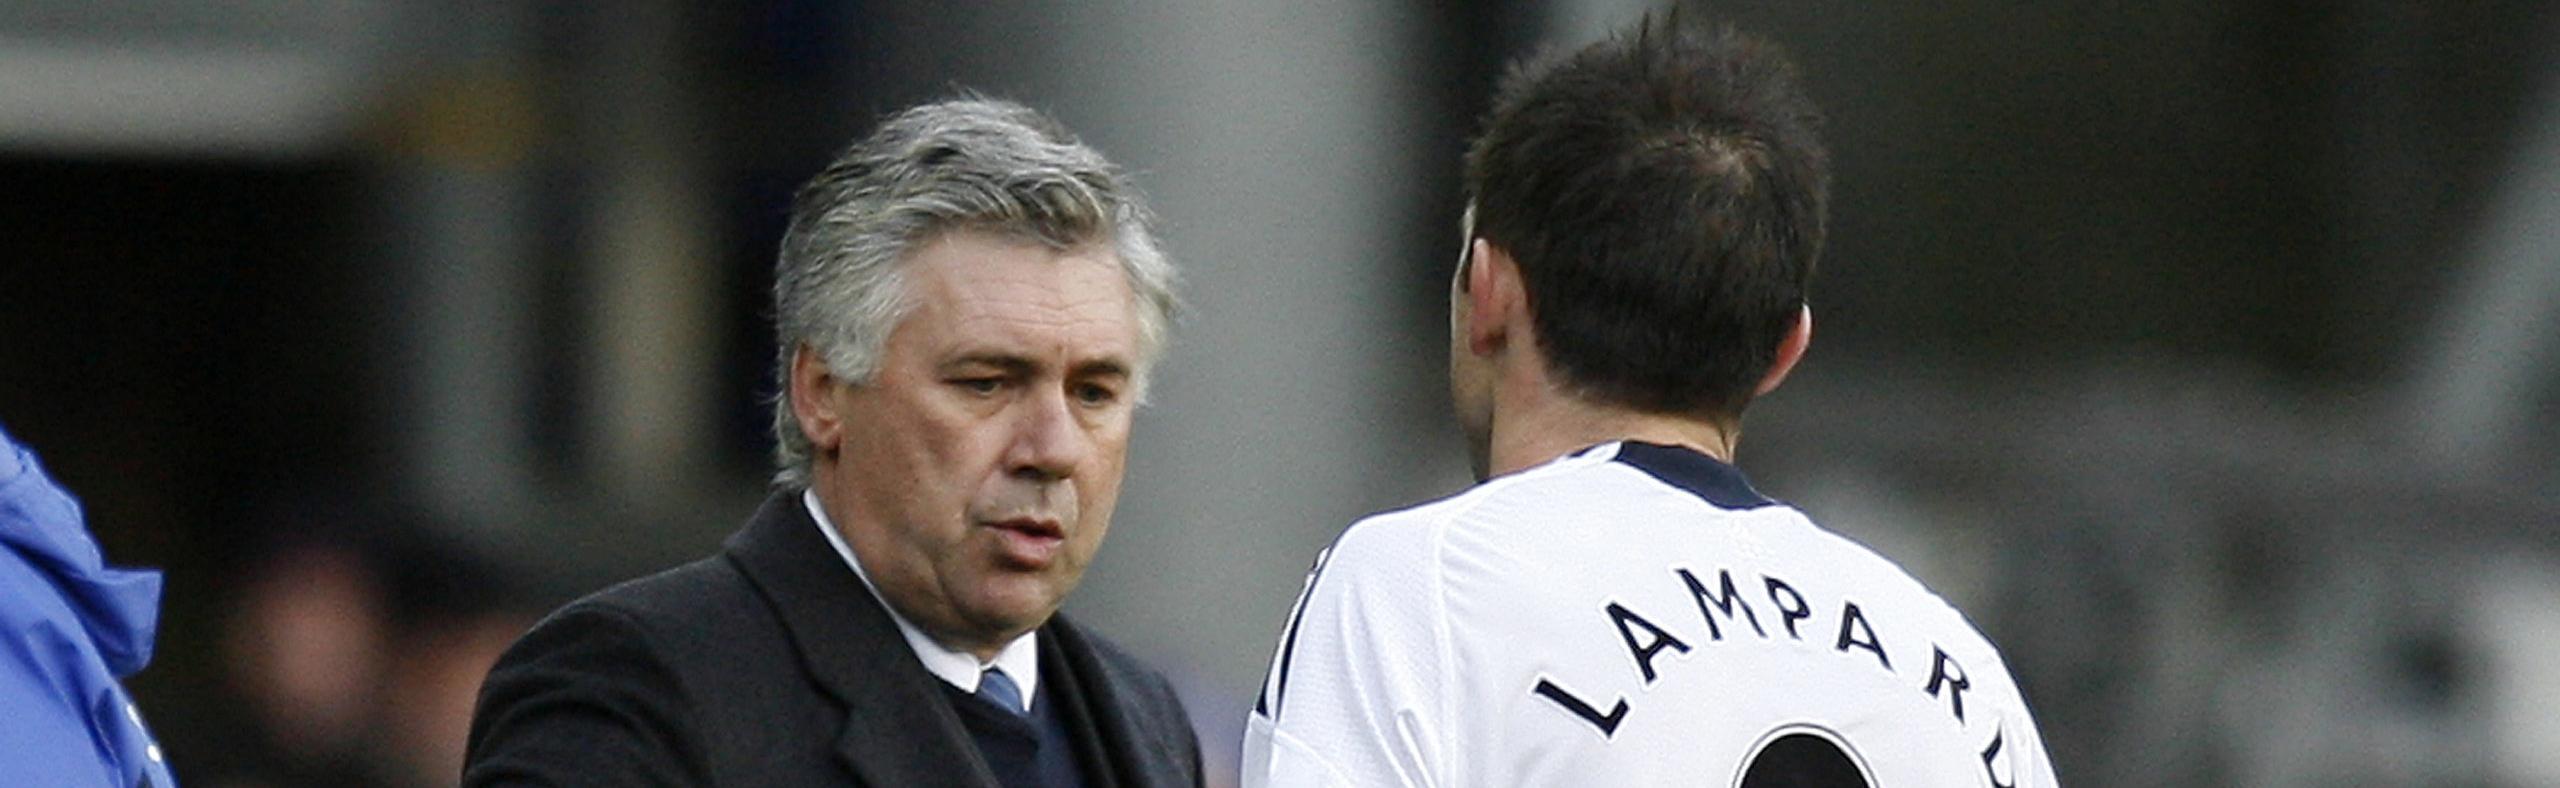 Everton-Chelsea, Lampard sotto esame dal maestro Ancelotti